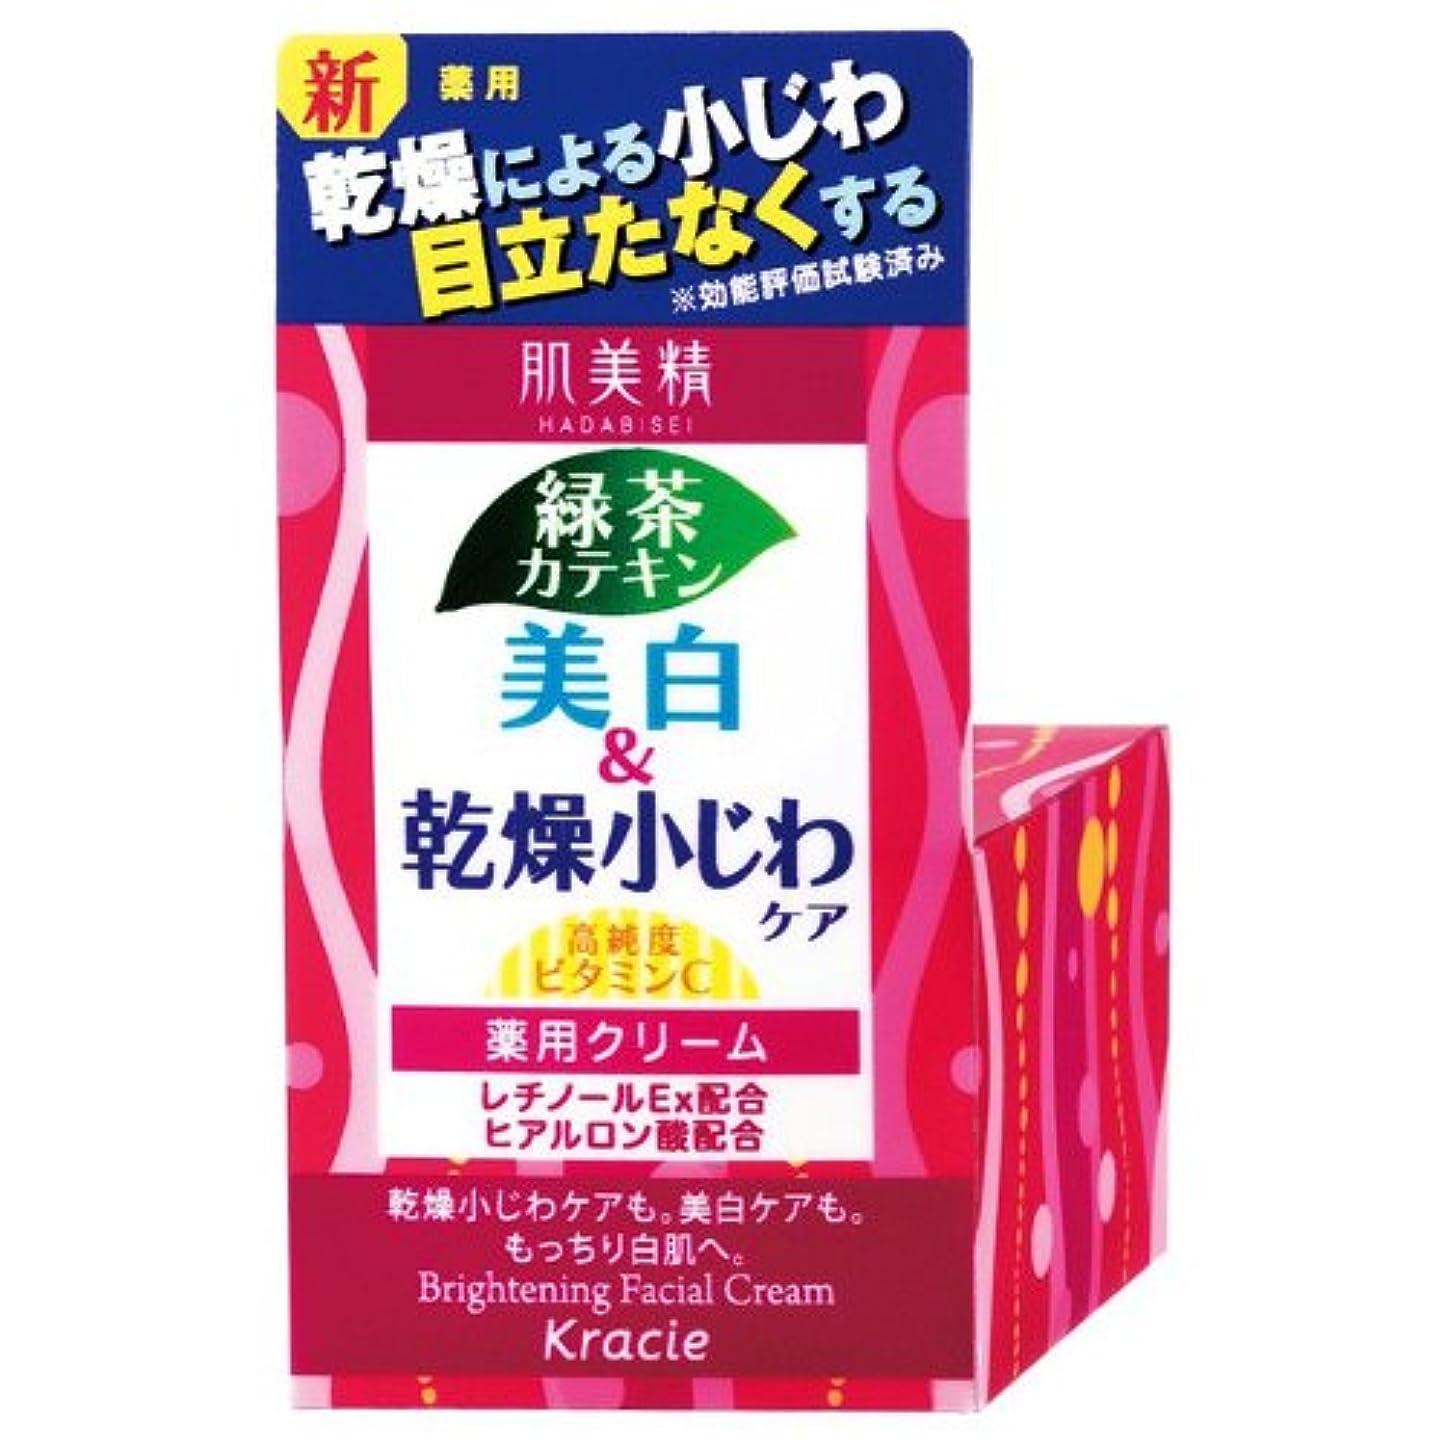 機械的キャメルブランク肌美精 薬用美白&乾燥小じわケア クリーム 50g [医薬部外品]